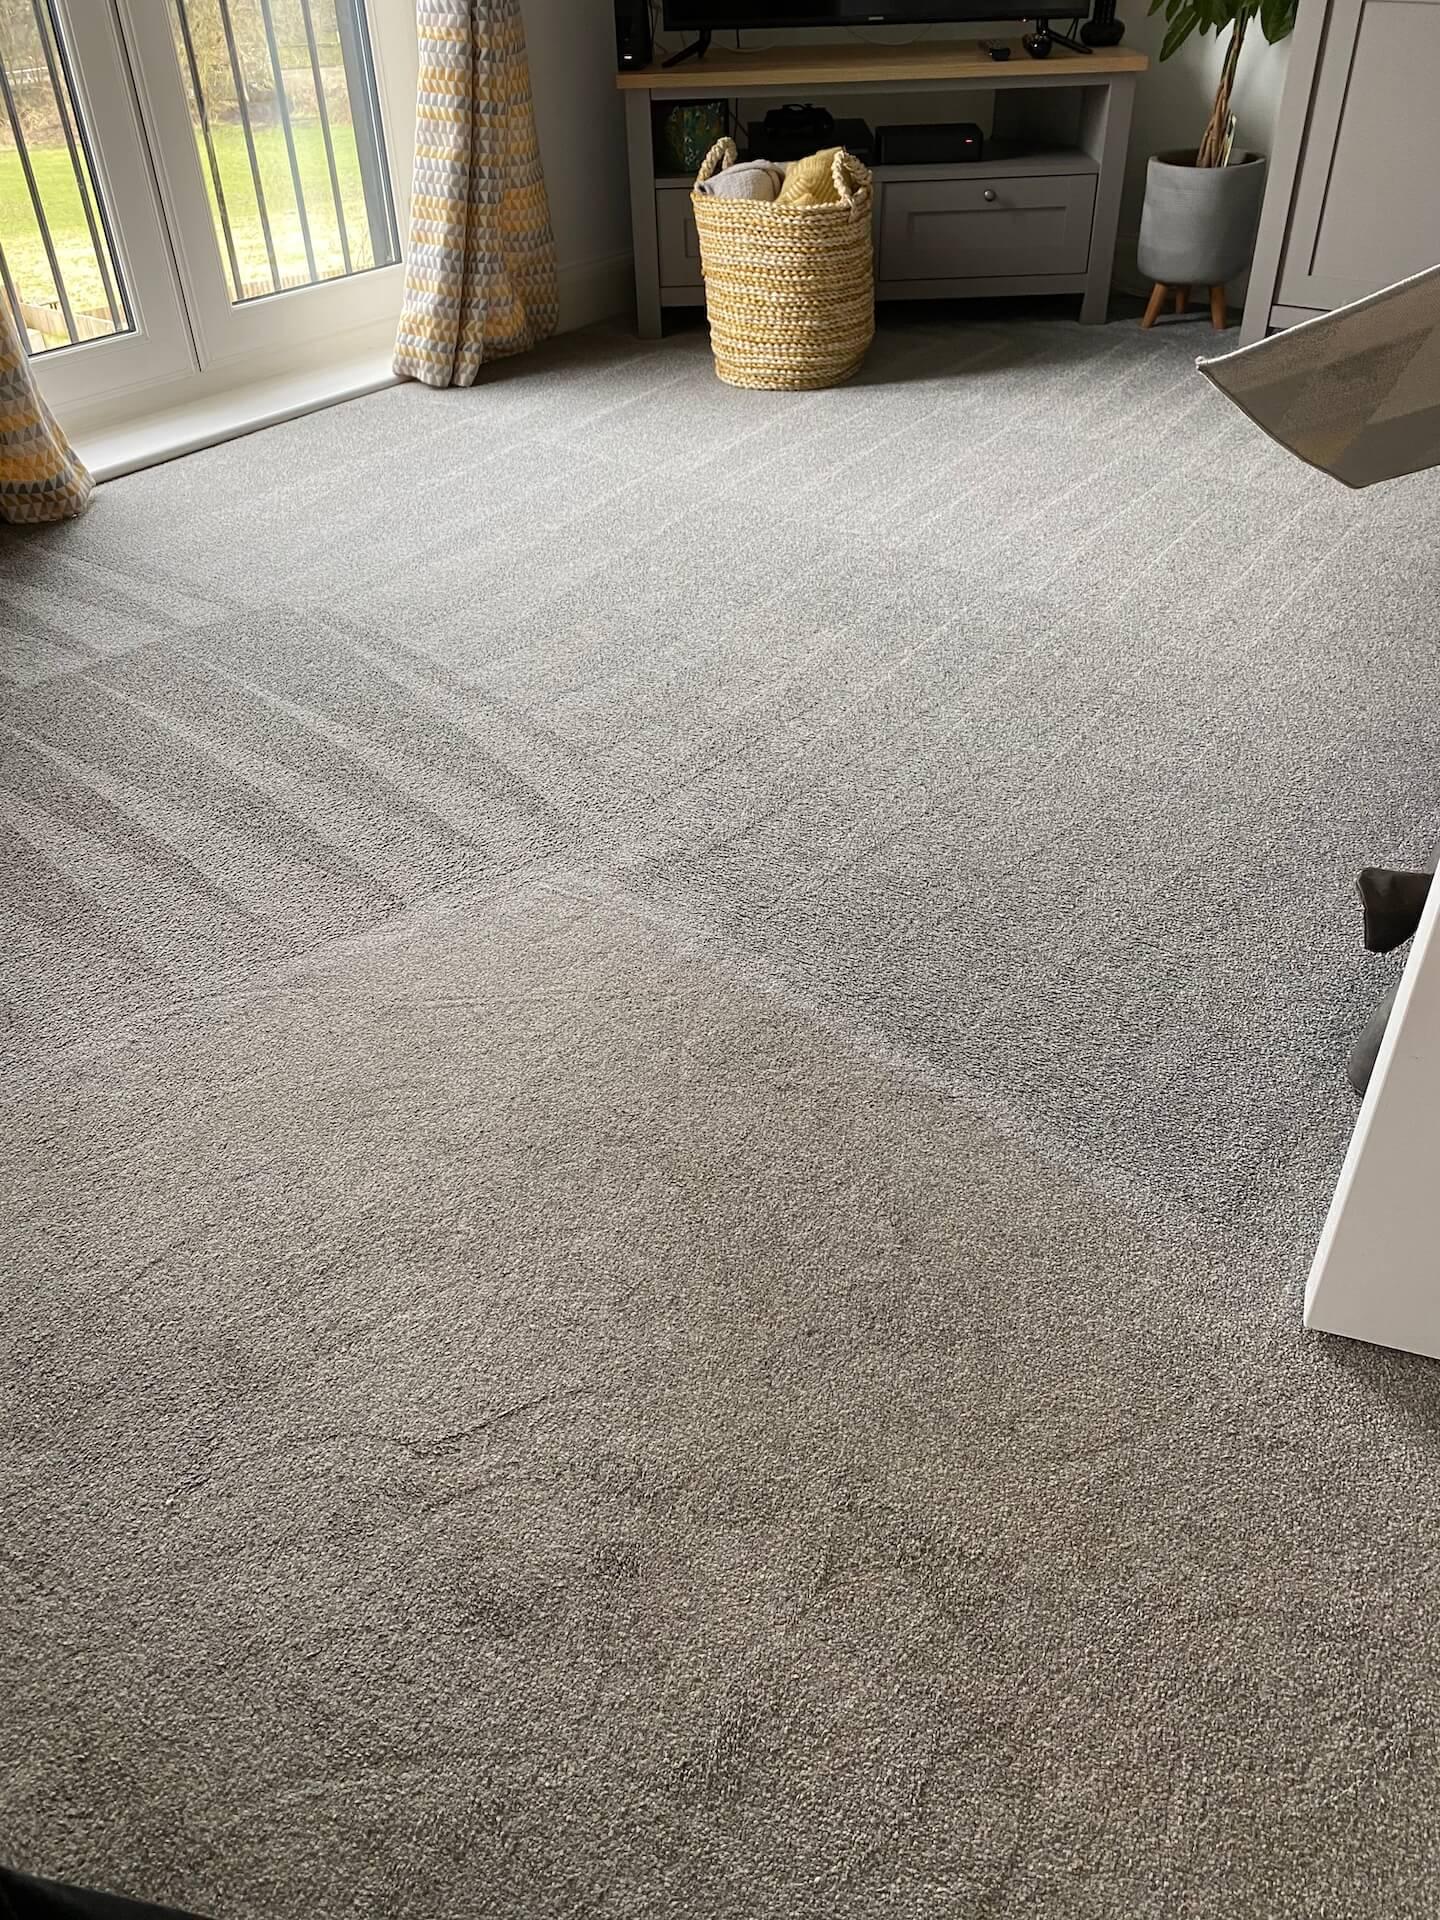 Carpet cleaning comparison shot